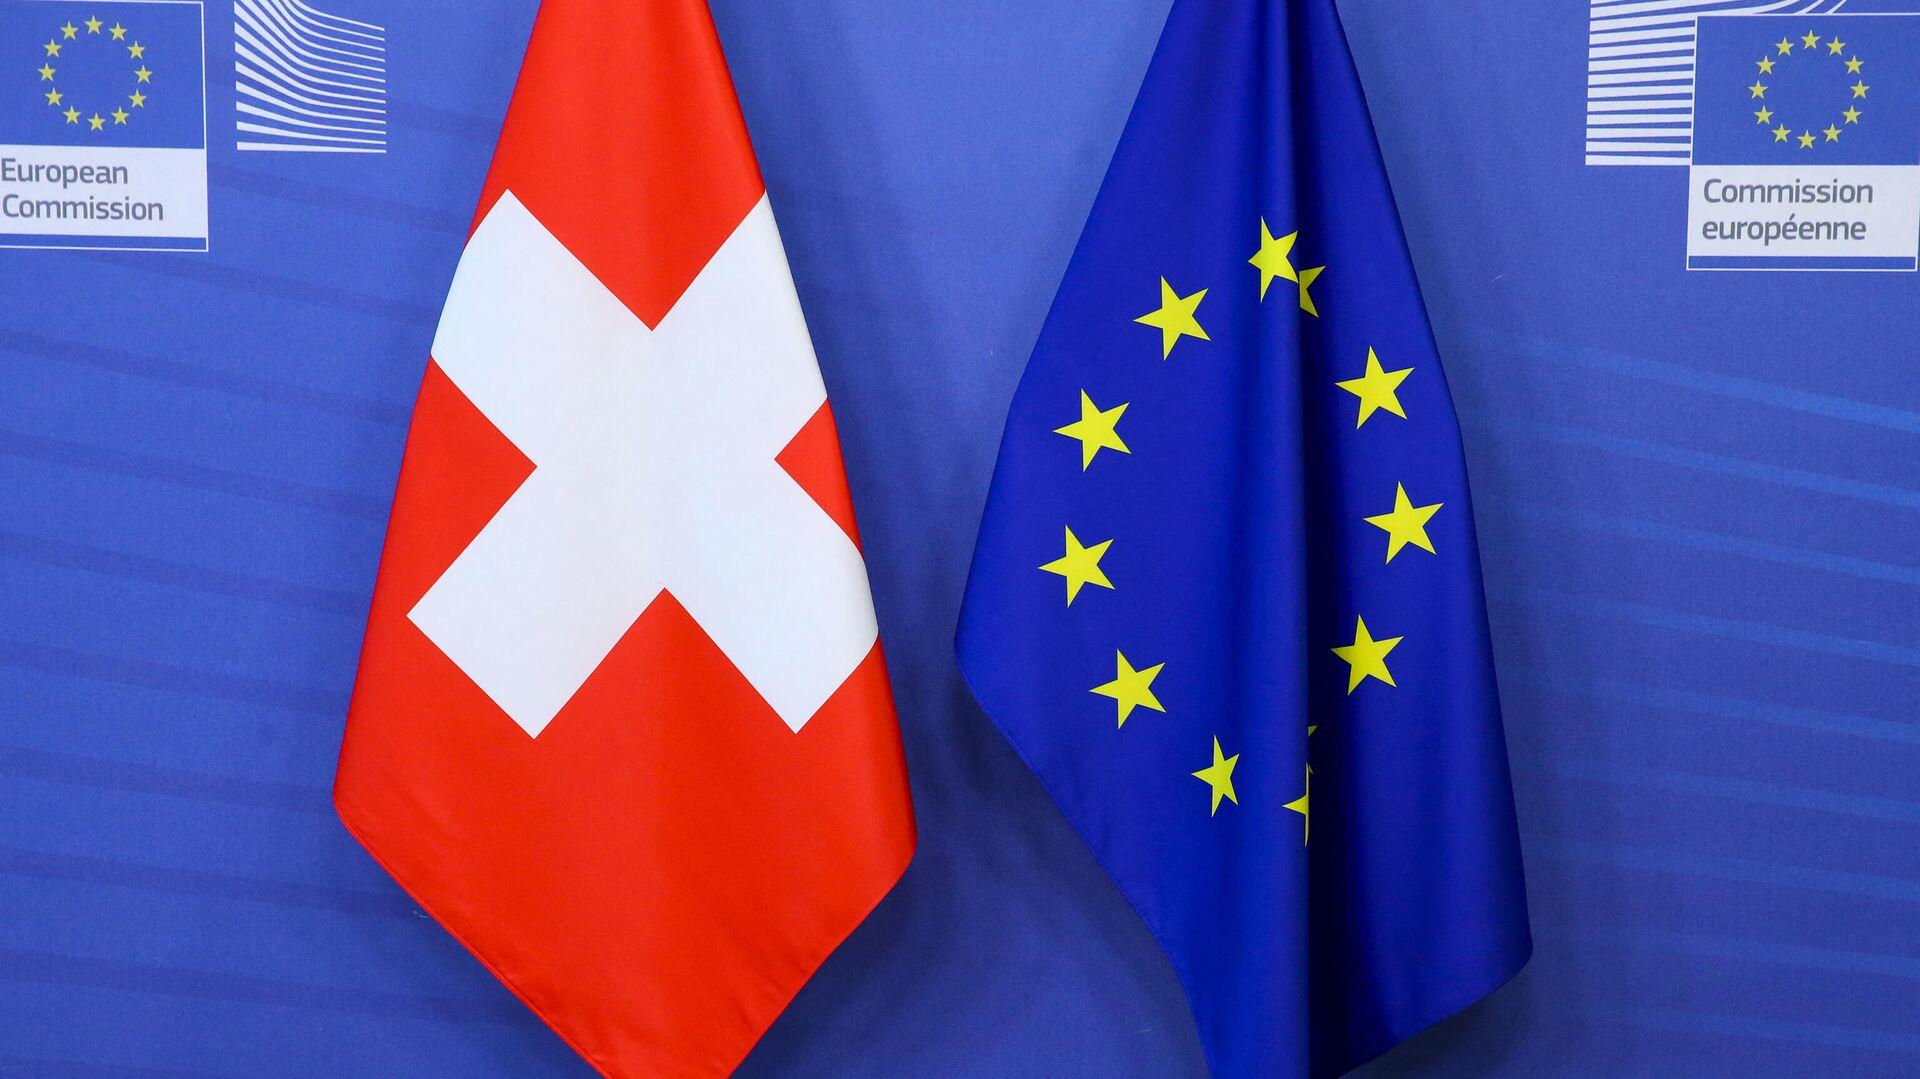 Banderas de Suiza y la UE - Sputnik Mundo, 1920, 04.06.2021